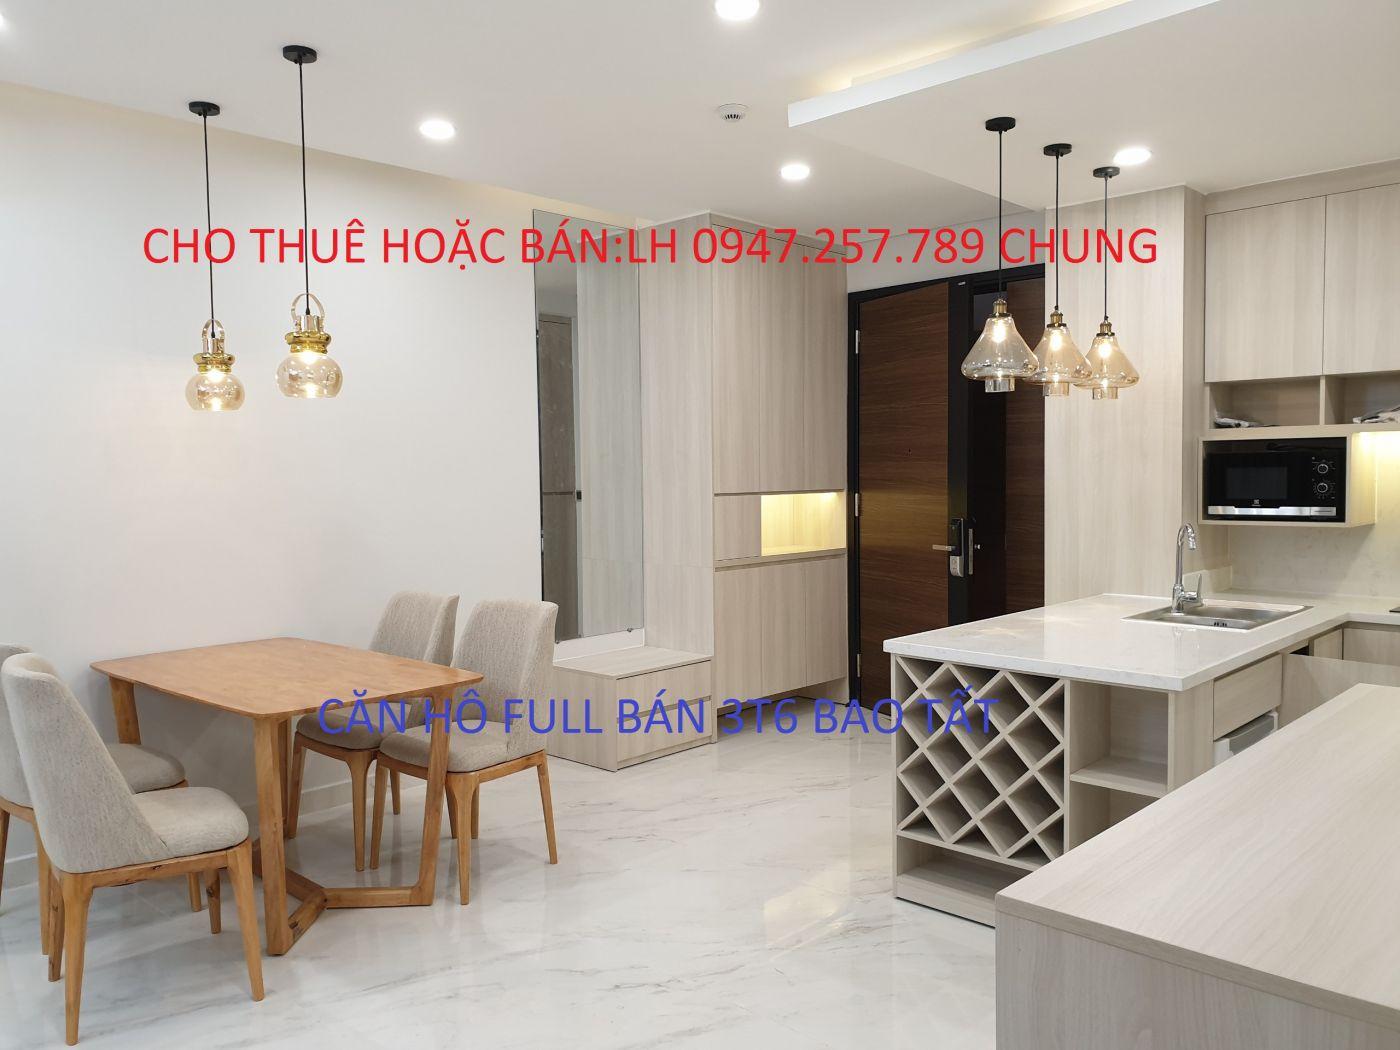 Cần cho thuê căn hộ midtow sakura 2pn giá 1000$ 91m2 lh: chung